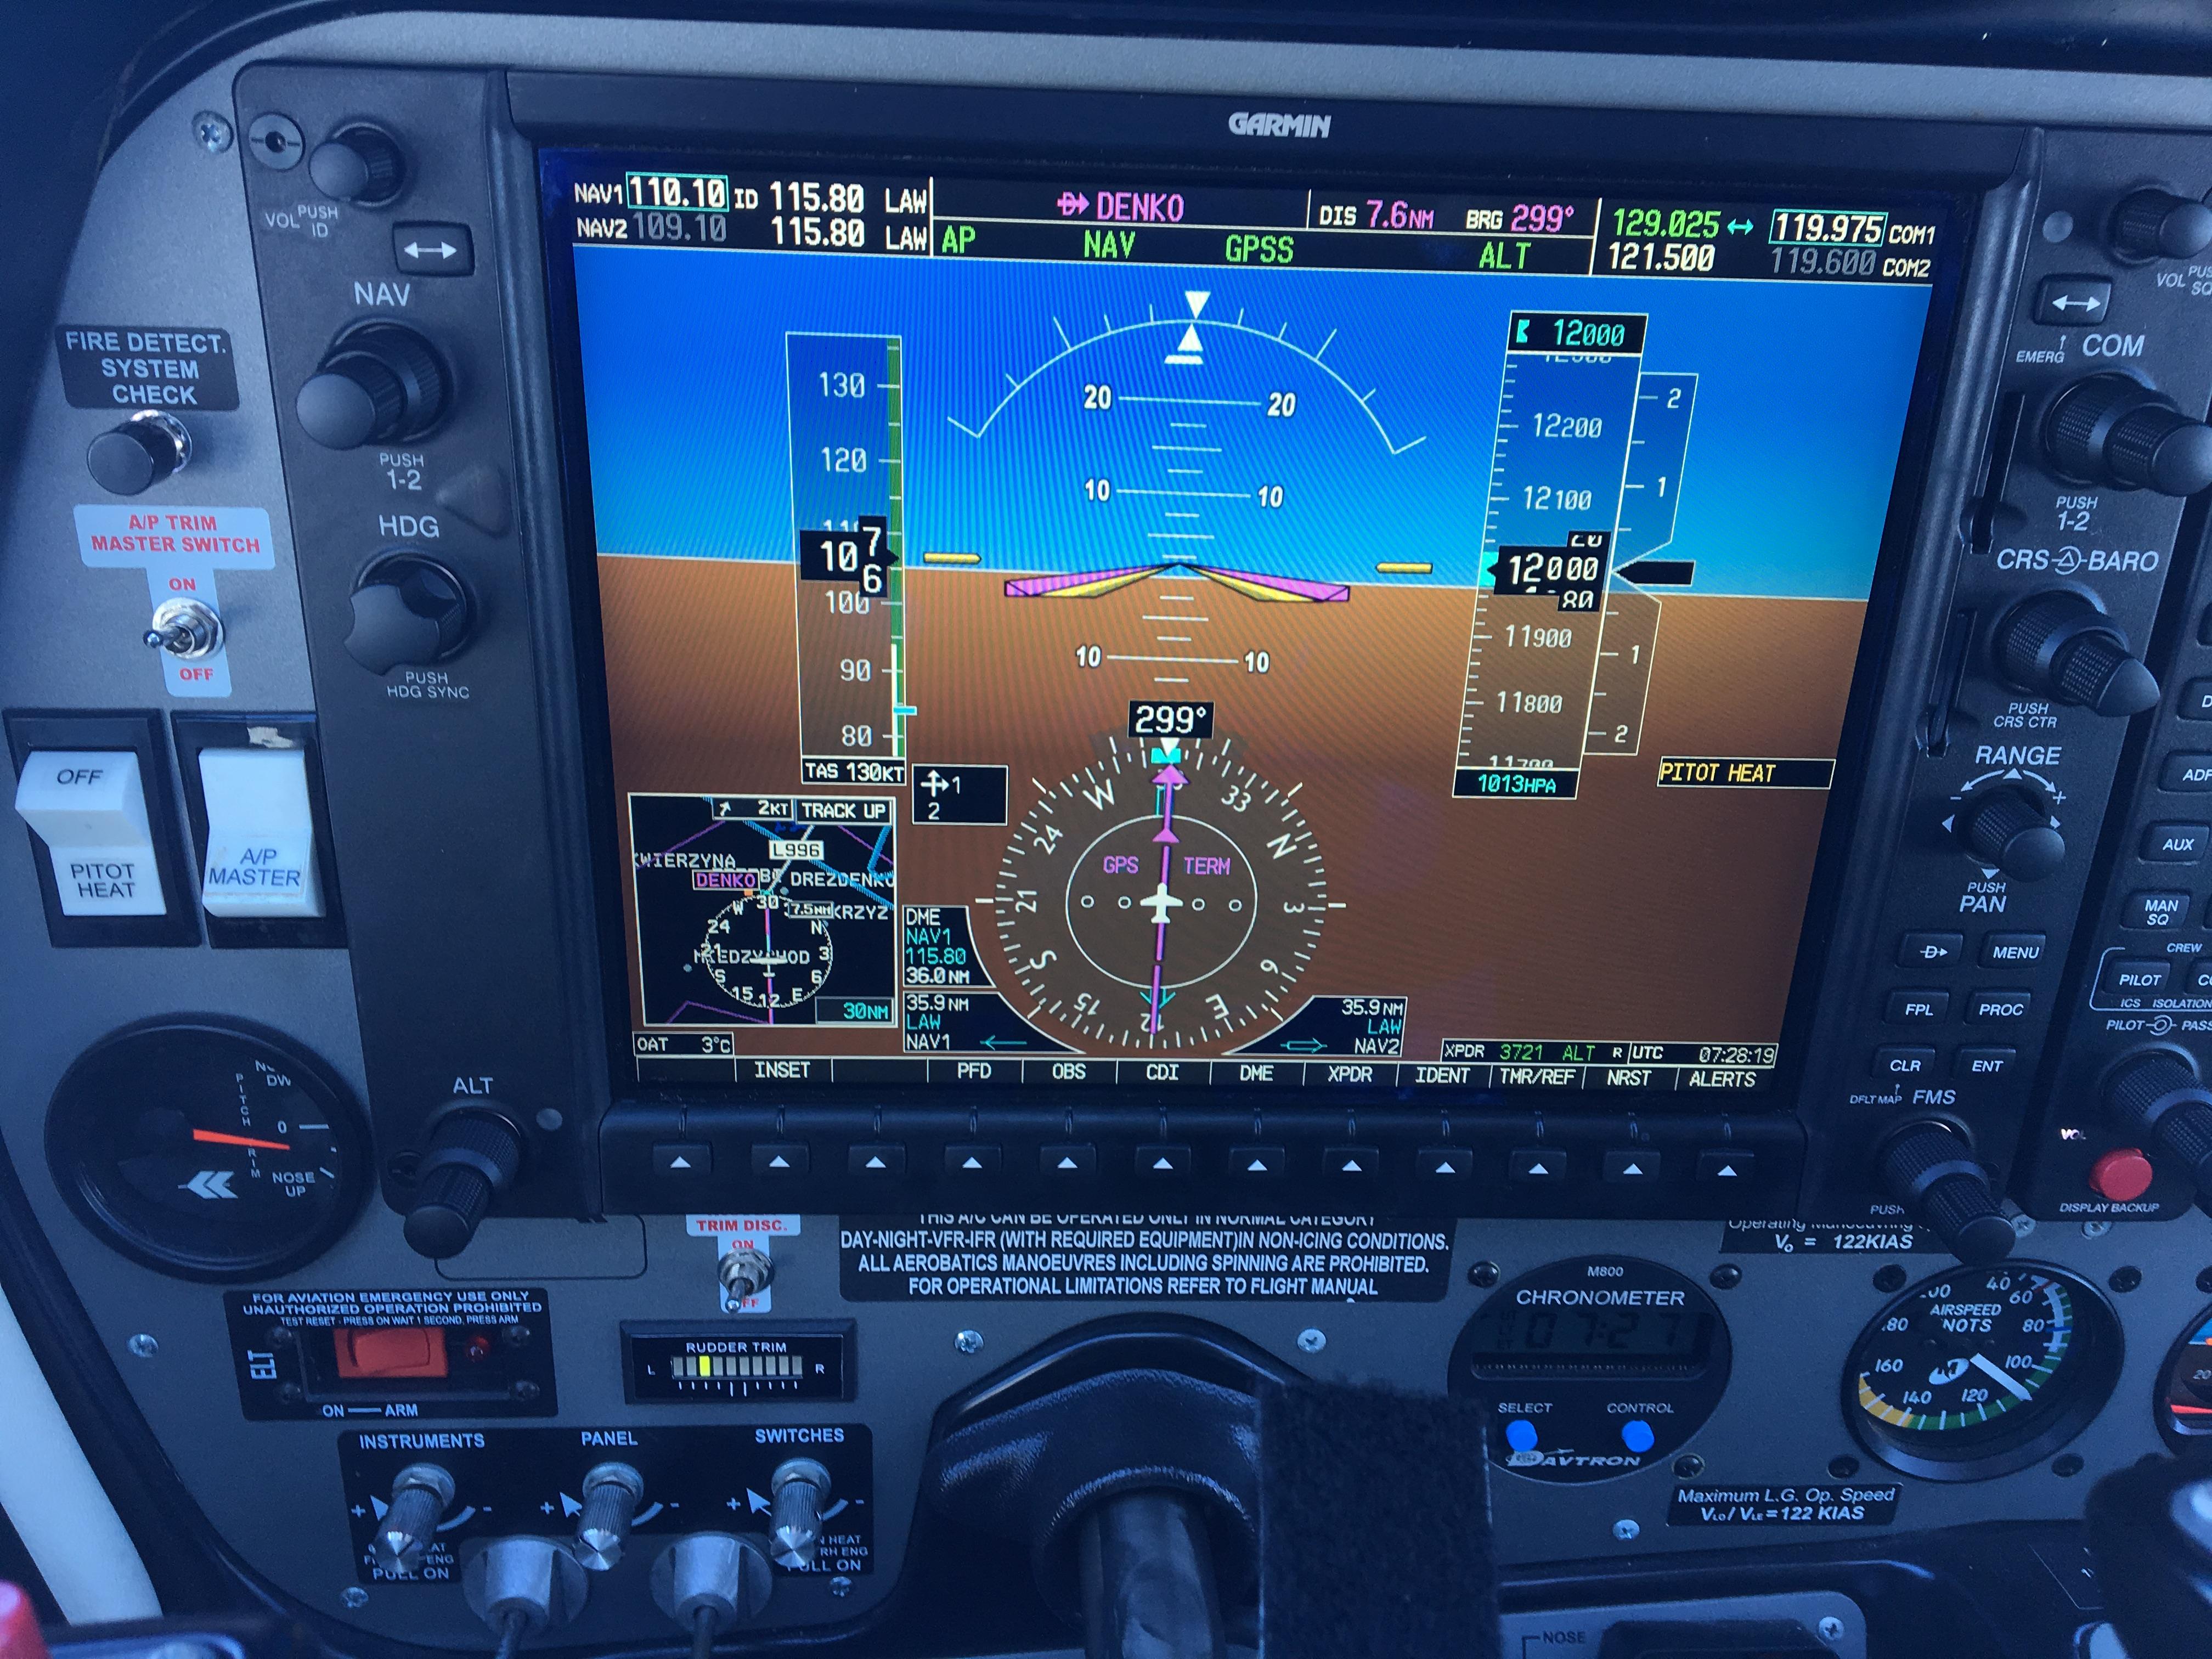 Zdjęcie przedstawia zintegrowany panel przyrządów pilotażowych systemu awionika Garmin G950.